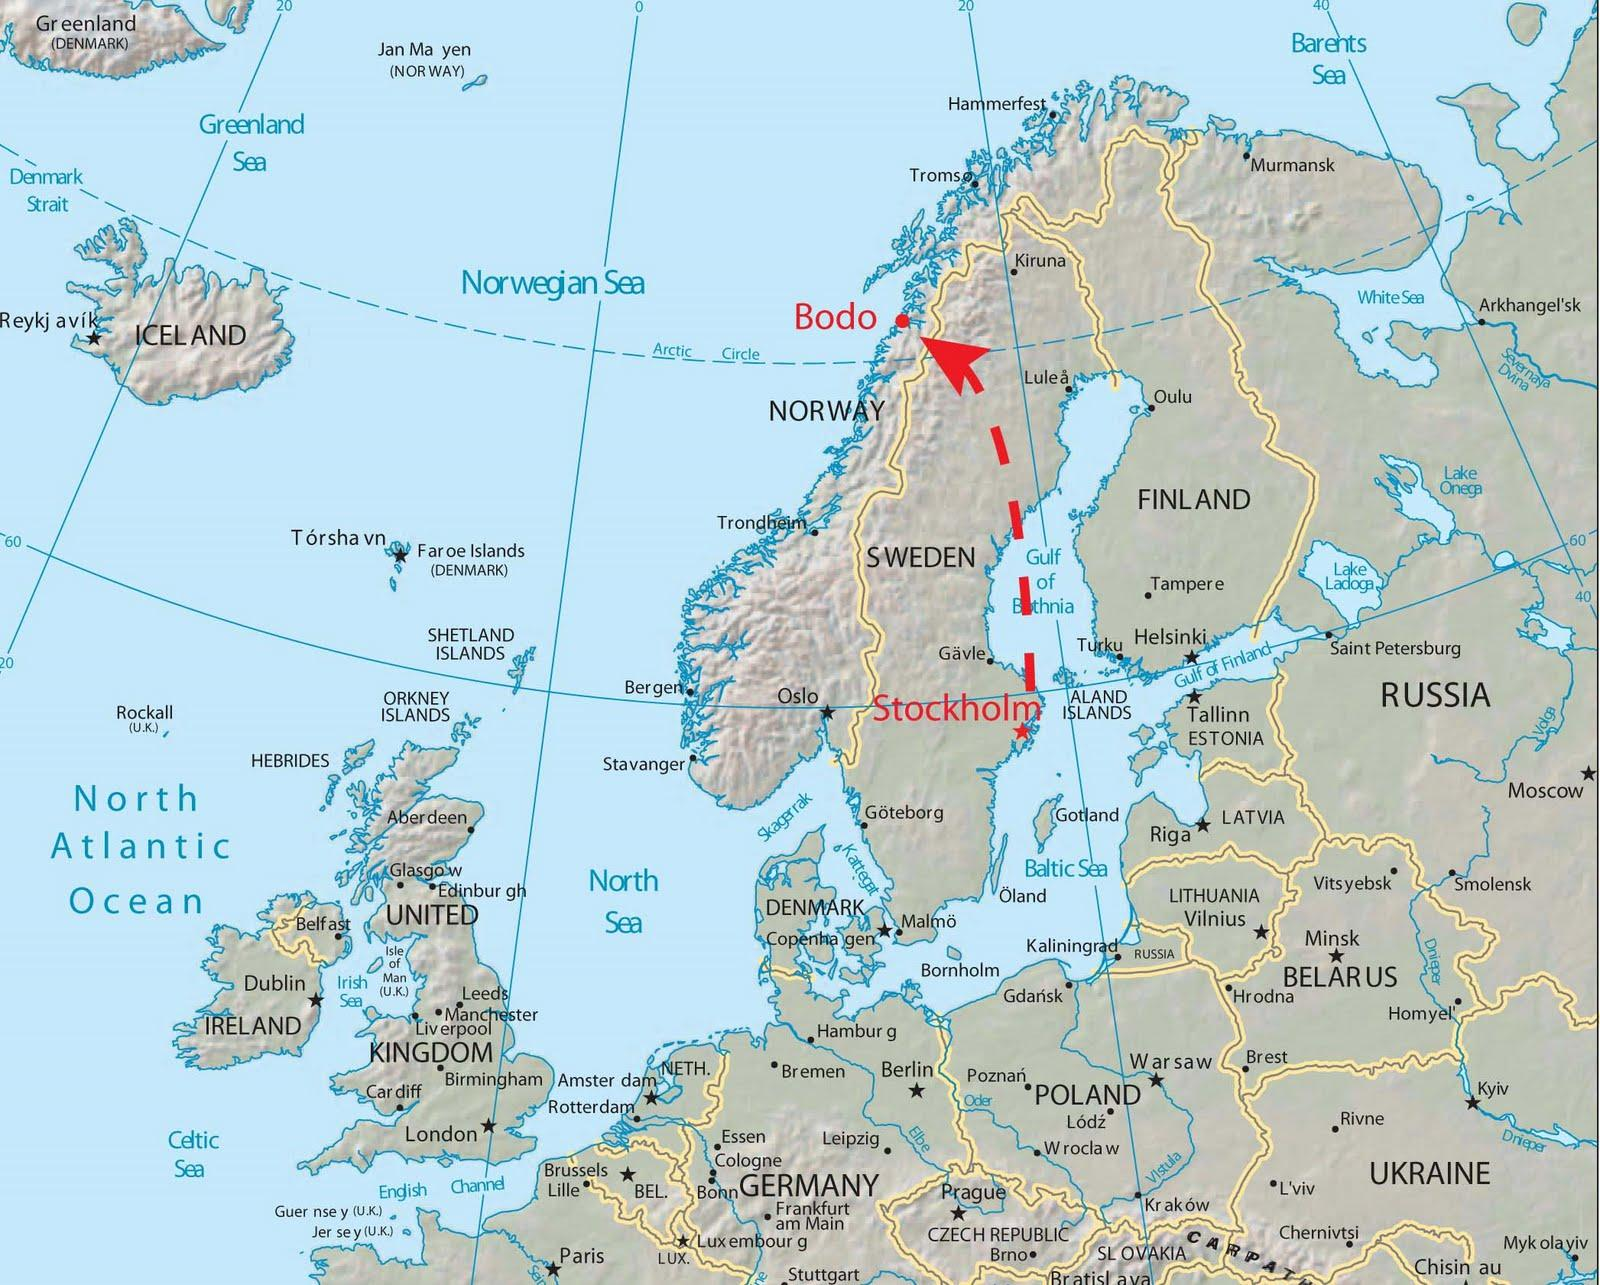 Karte Norwegen Drucken.Bodo Norwegen Map Karte Von Bodo Norwegen Nordeuropa